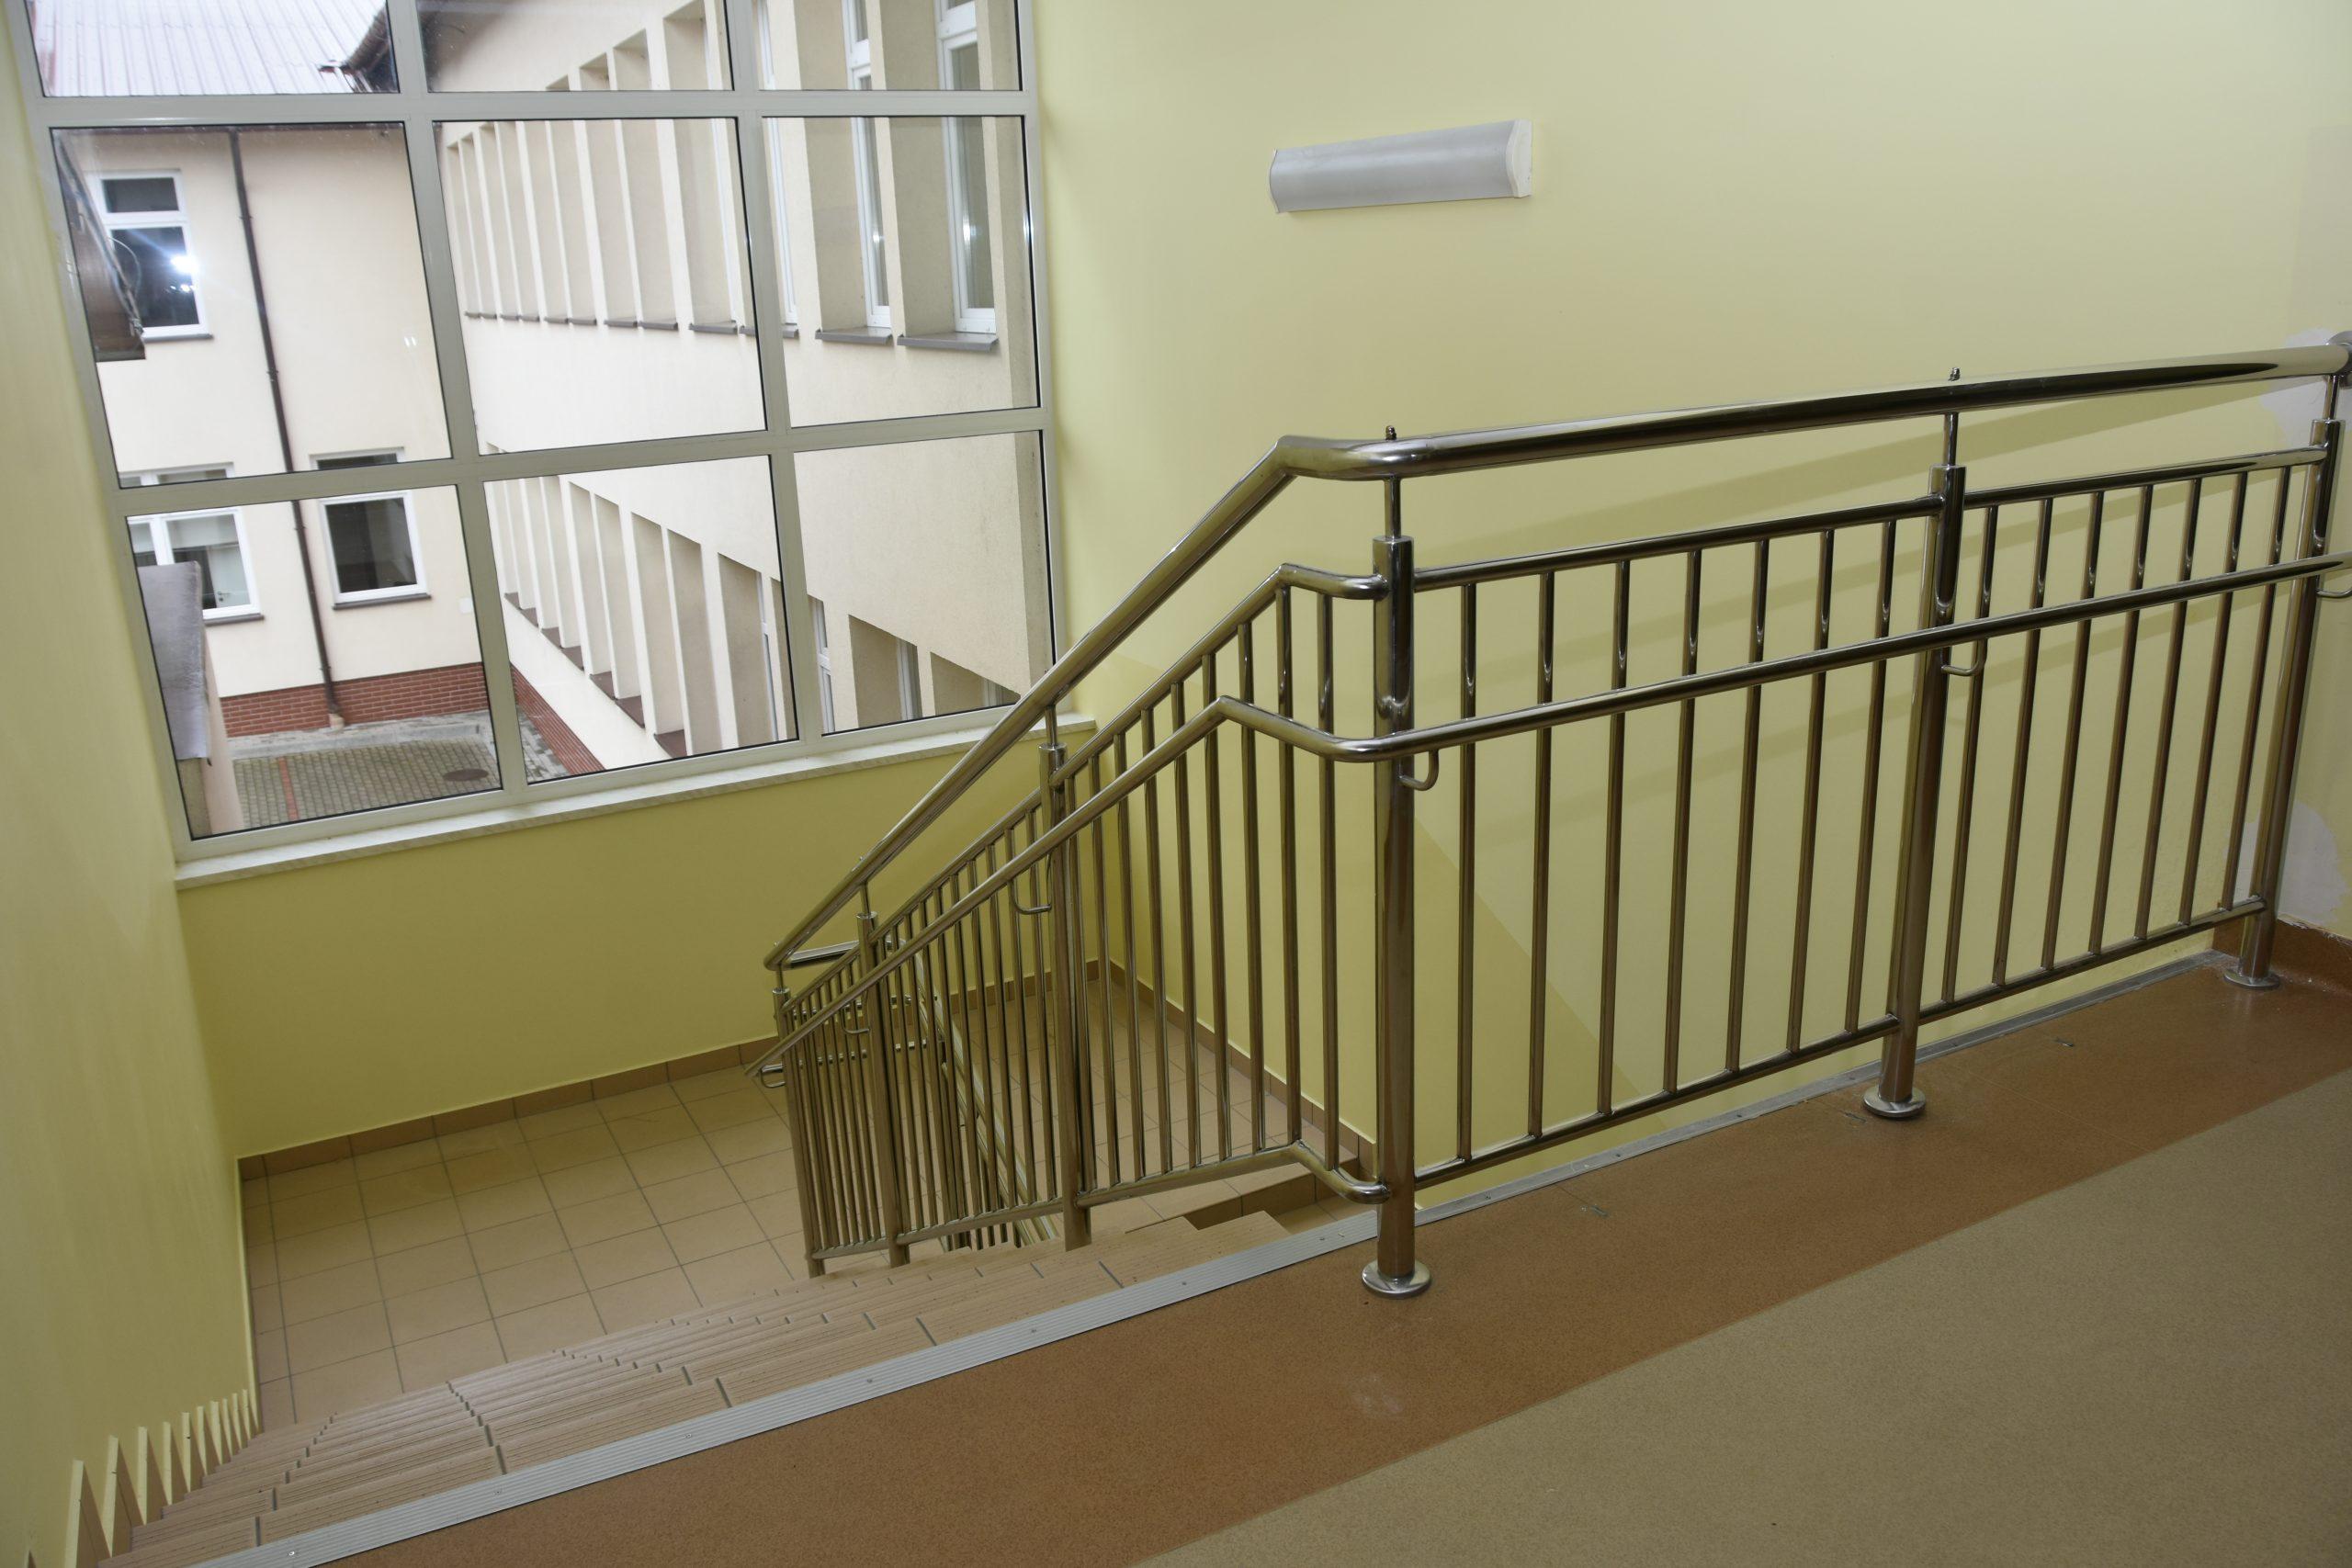 Wyremontowana klatka schodowa w szkole z nową balustradą.